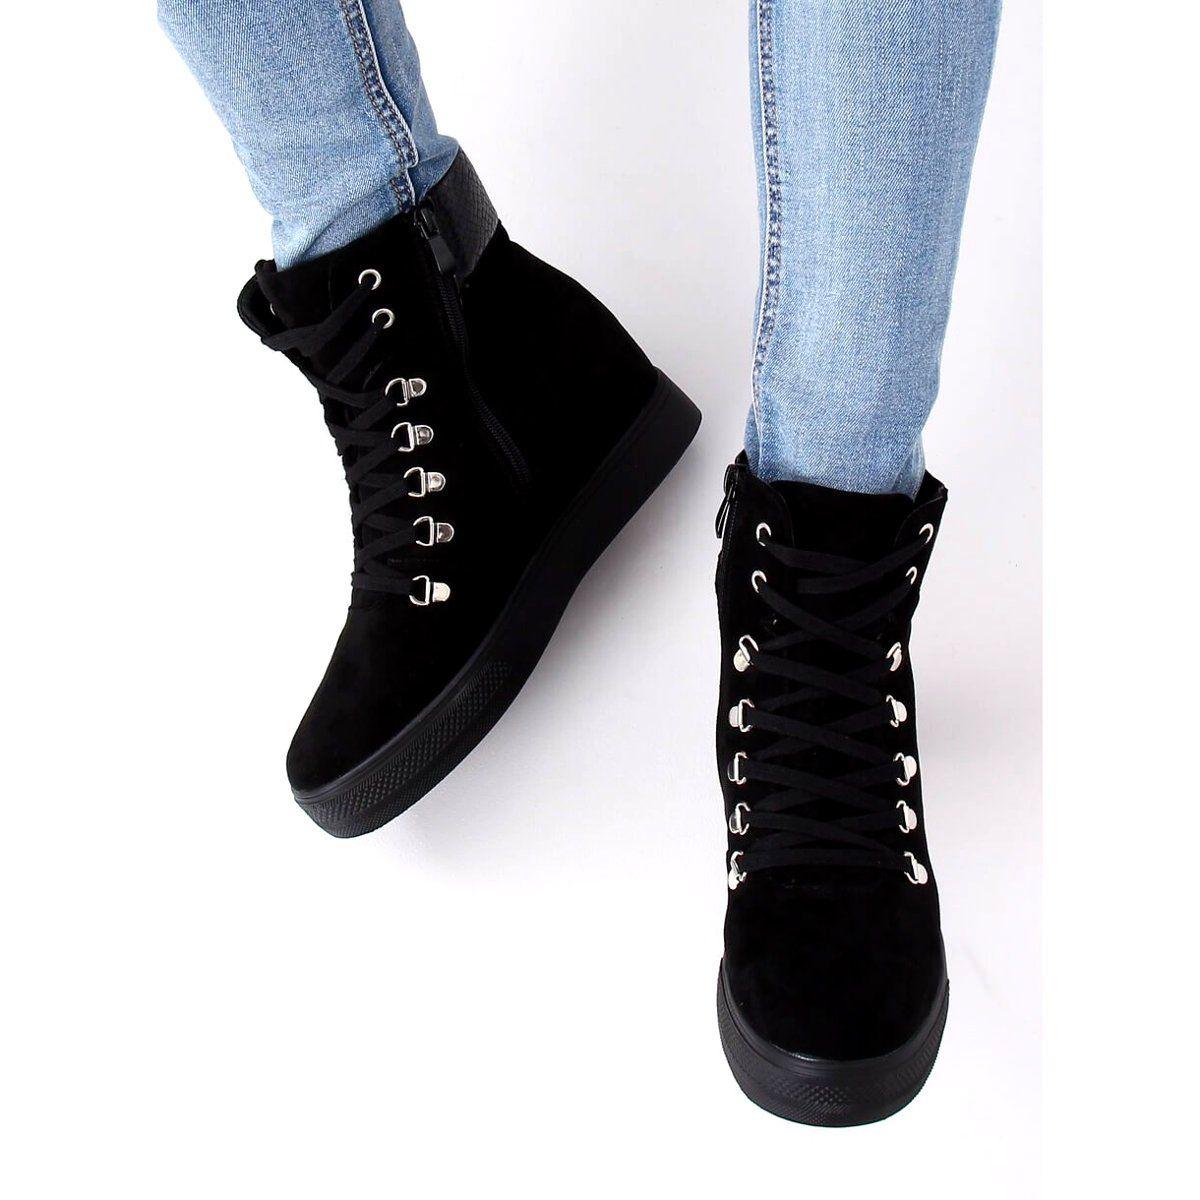 Botki Na Ukrytym Koturnie Czarne Rq216 Serpentine Shoes High Top Sneakers Sneakers